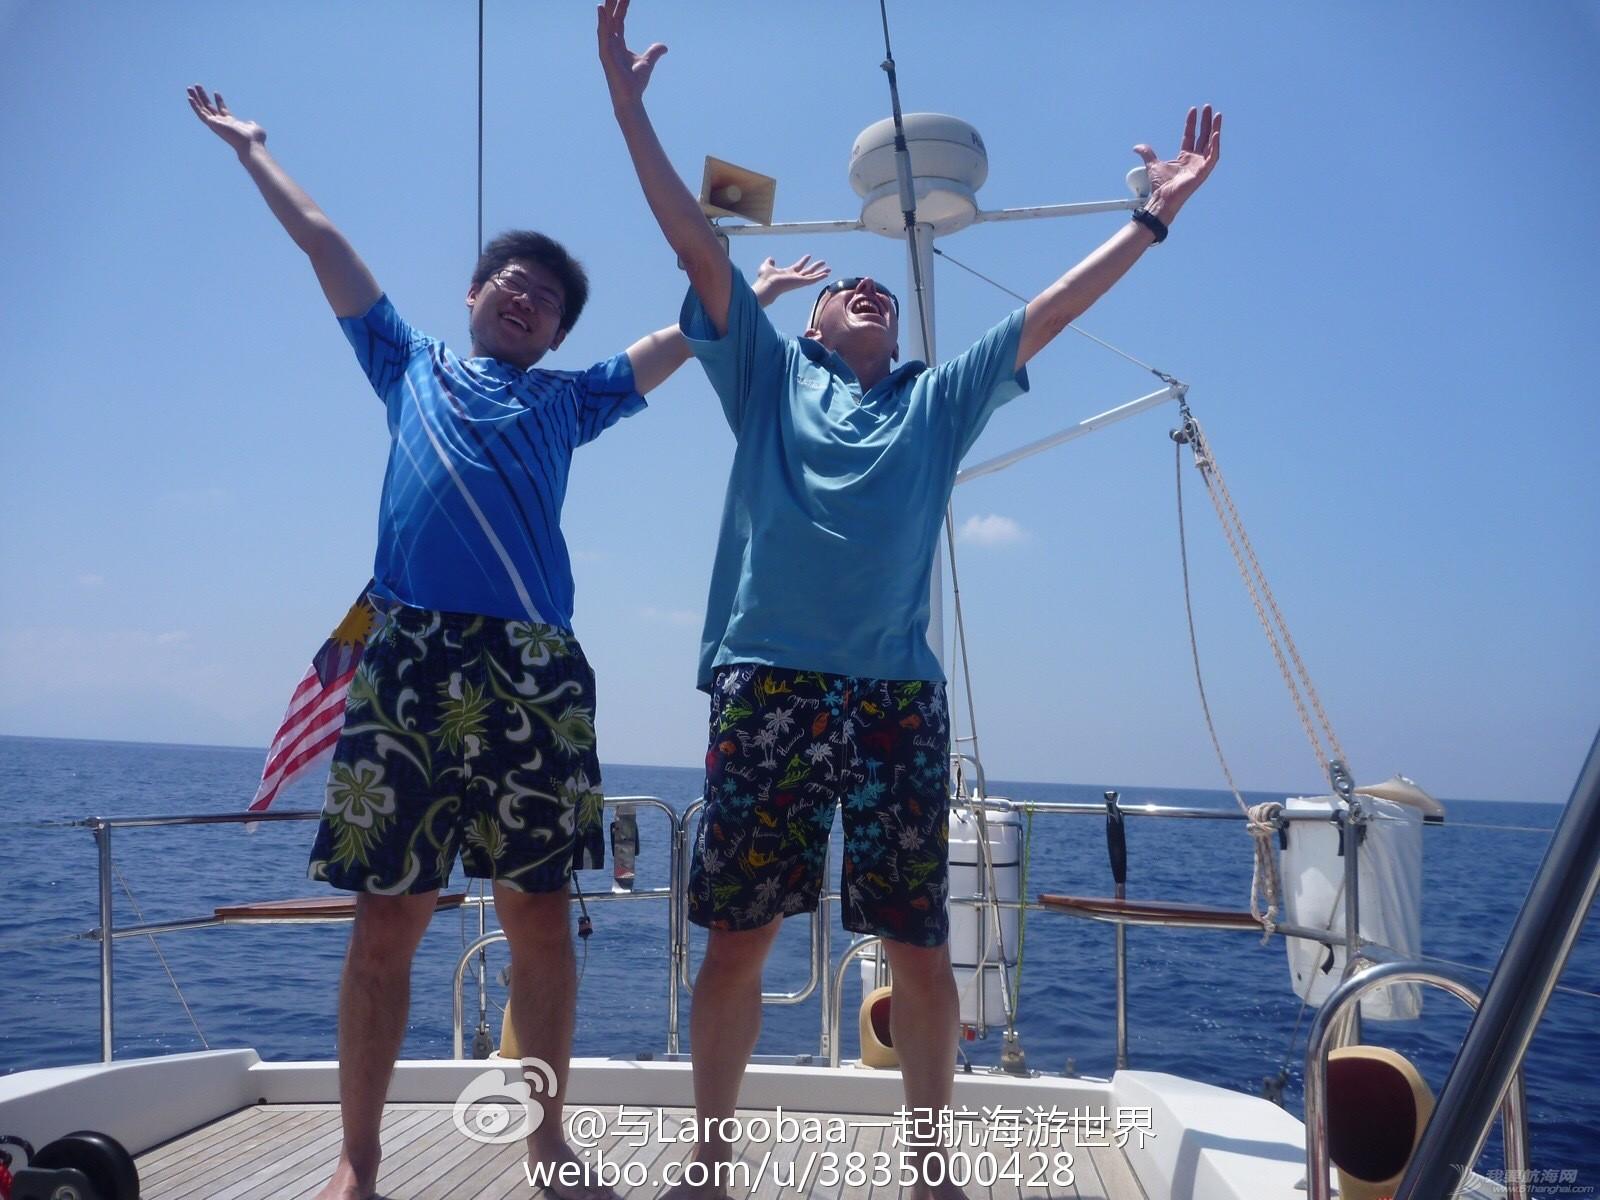 航海为什么可以带给我们这么多快乐? e495766cjw1erfjc35znej218g0xc7gf.jpg